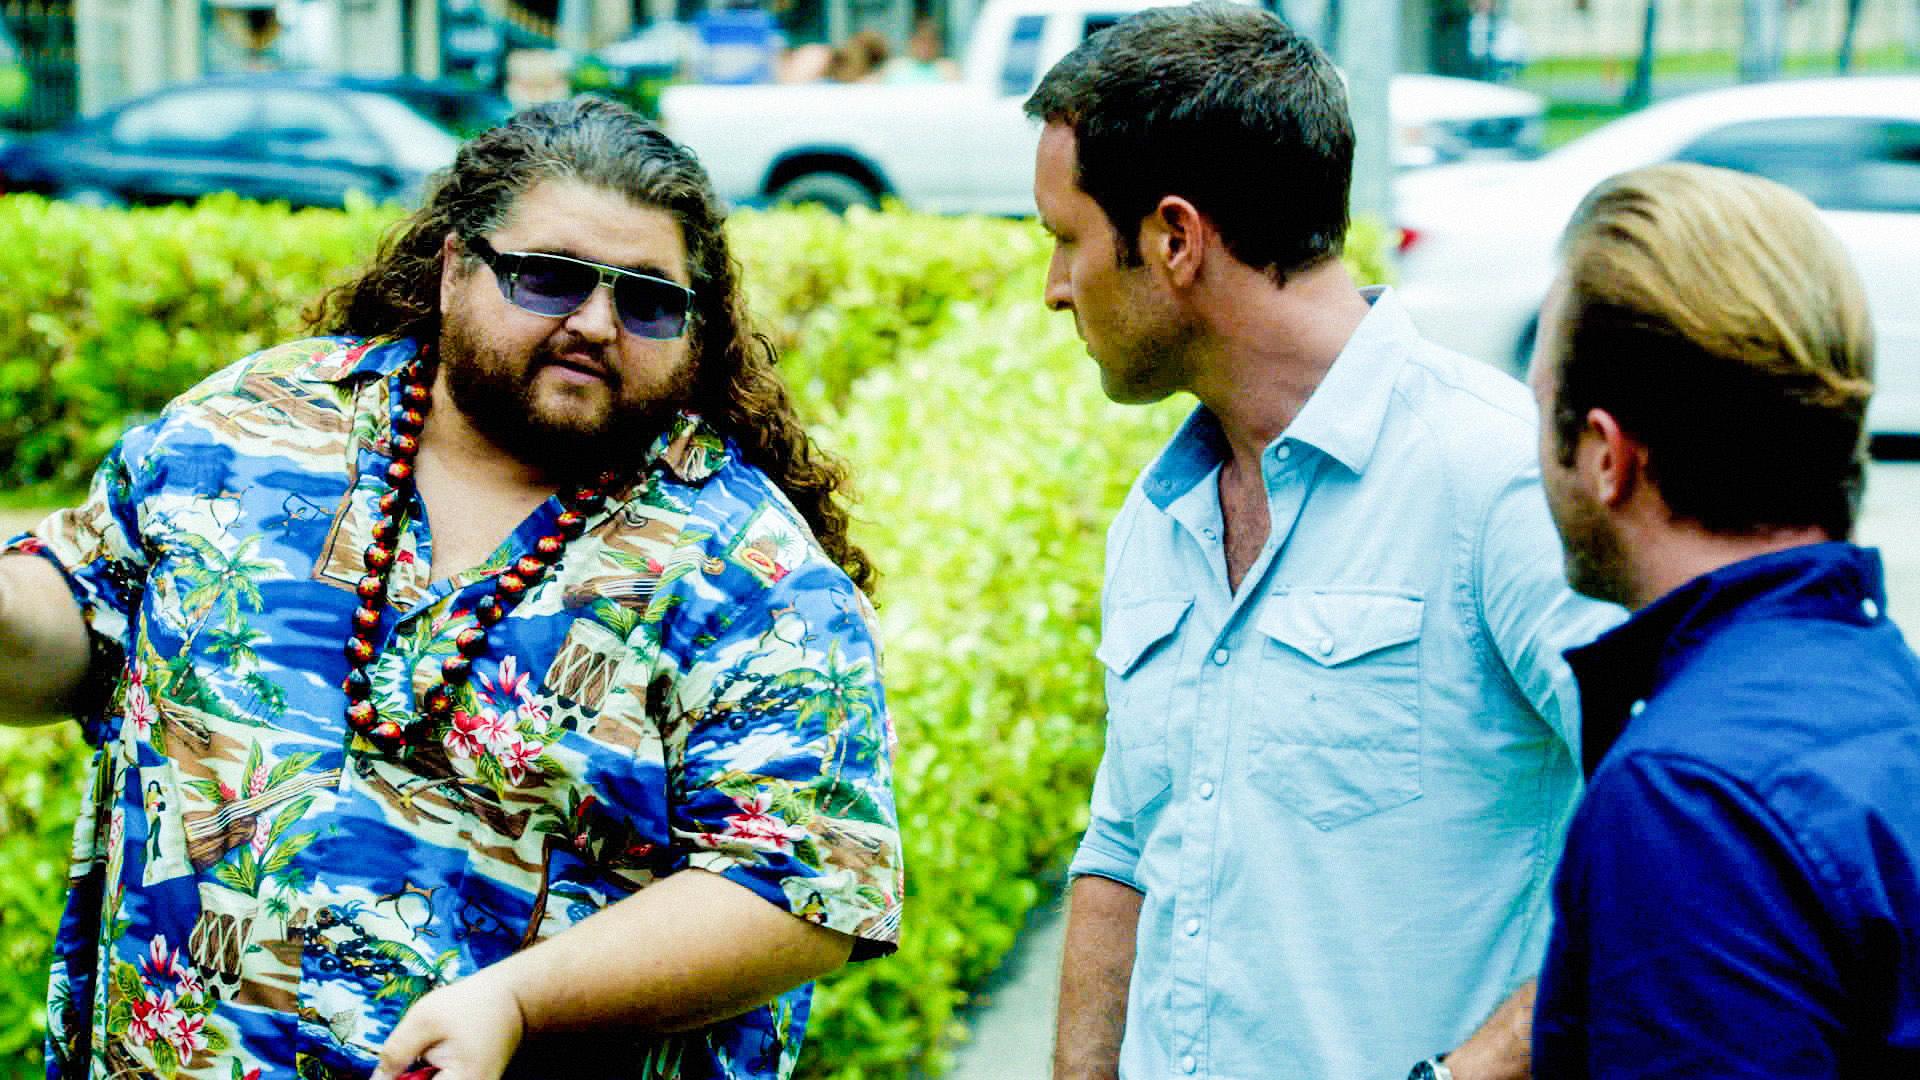 """Aloha in """"Ka 'oia' i' o ma loko"""" Season 4 Episode 3"""